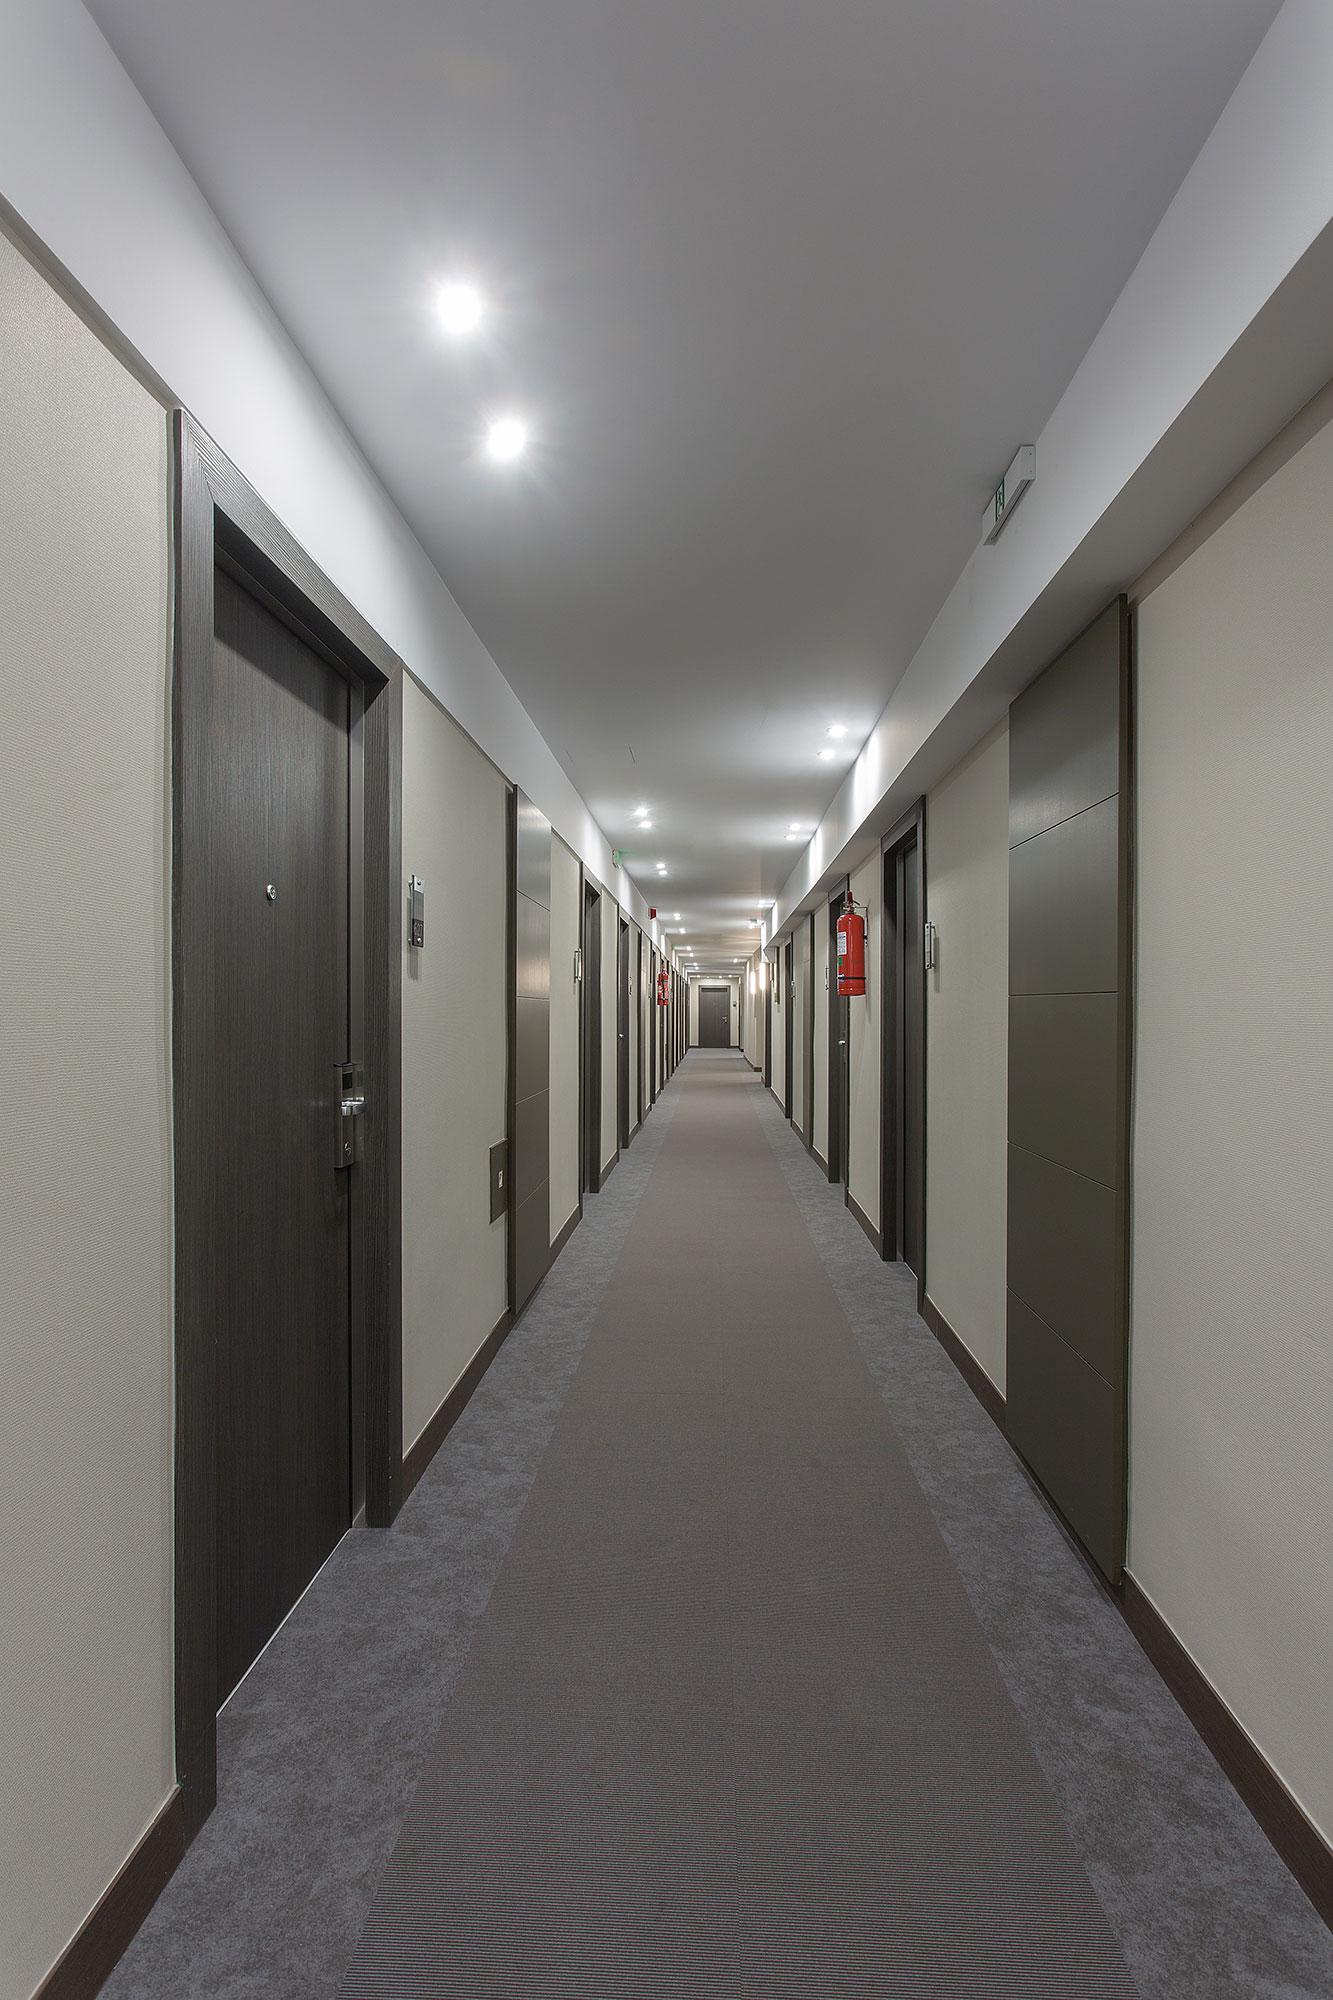 Hotel Door Light With Hidden Hinges, Covered With Wood Grain,